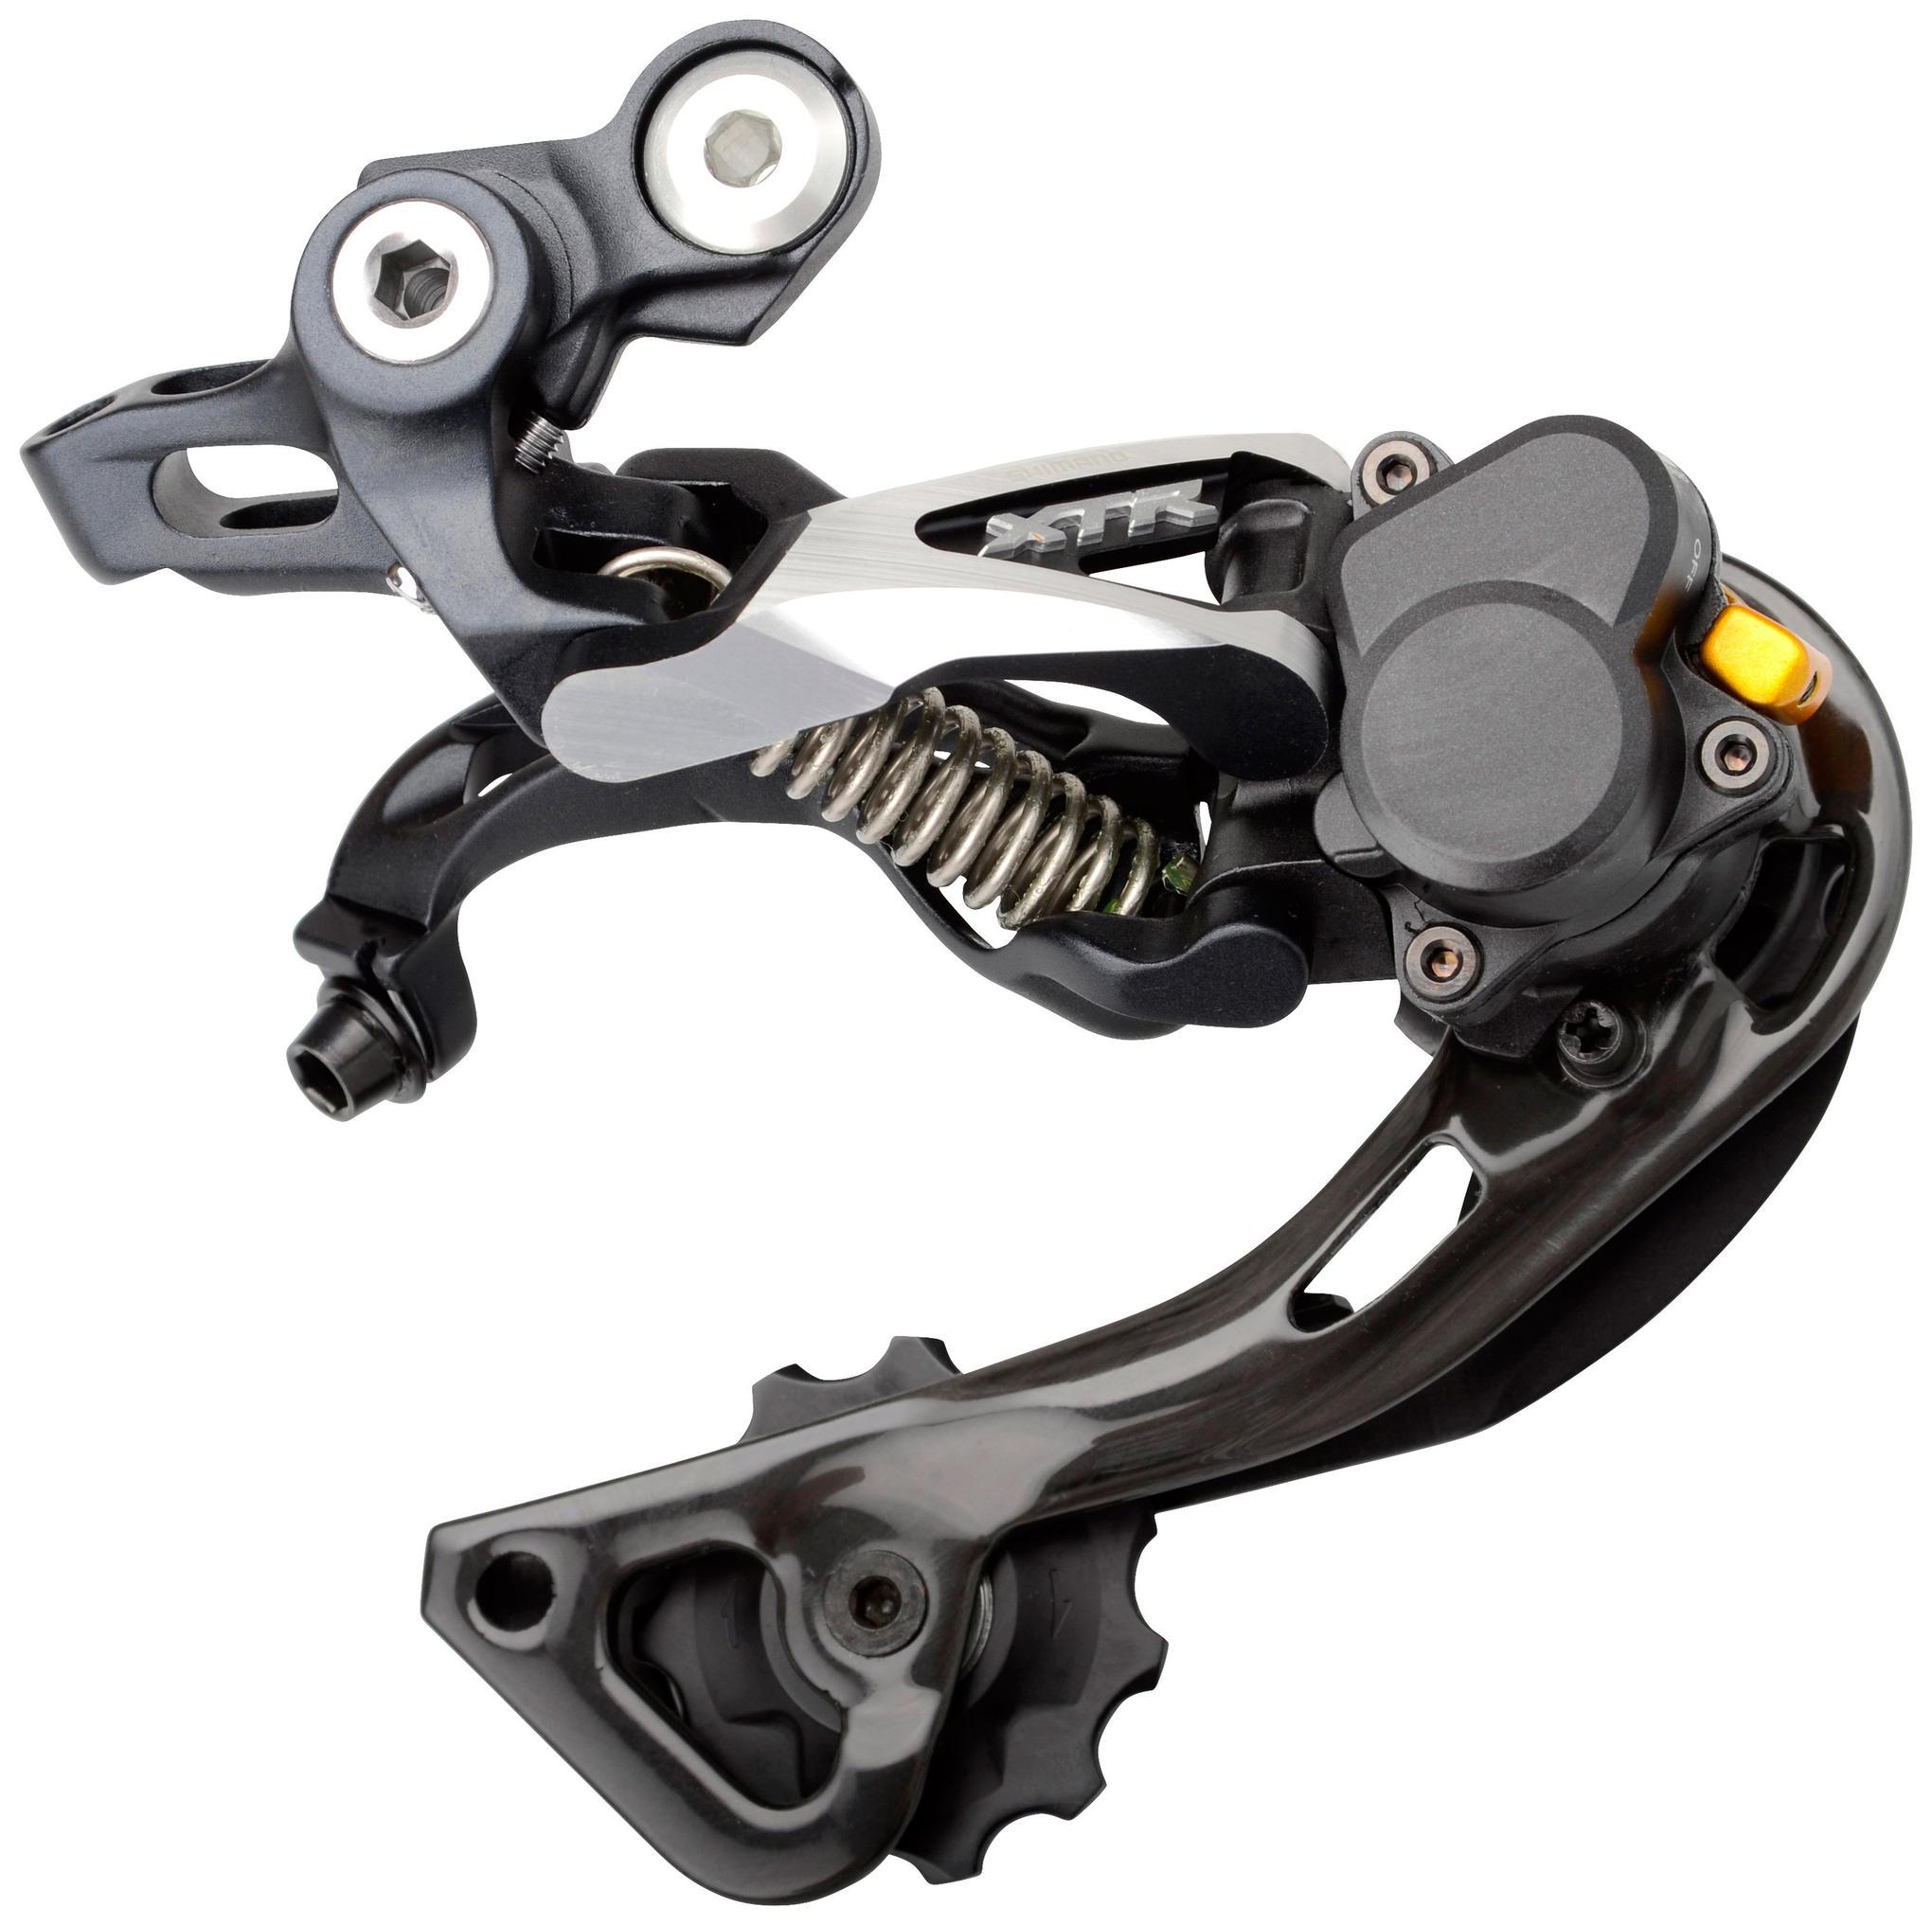 Cambio trasero Shimano XTR M986 GS